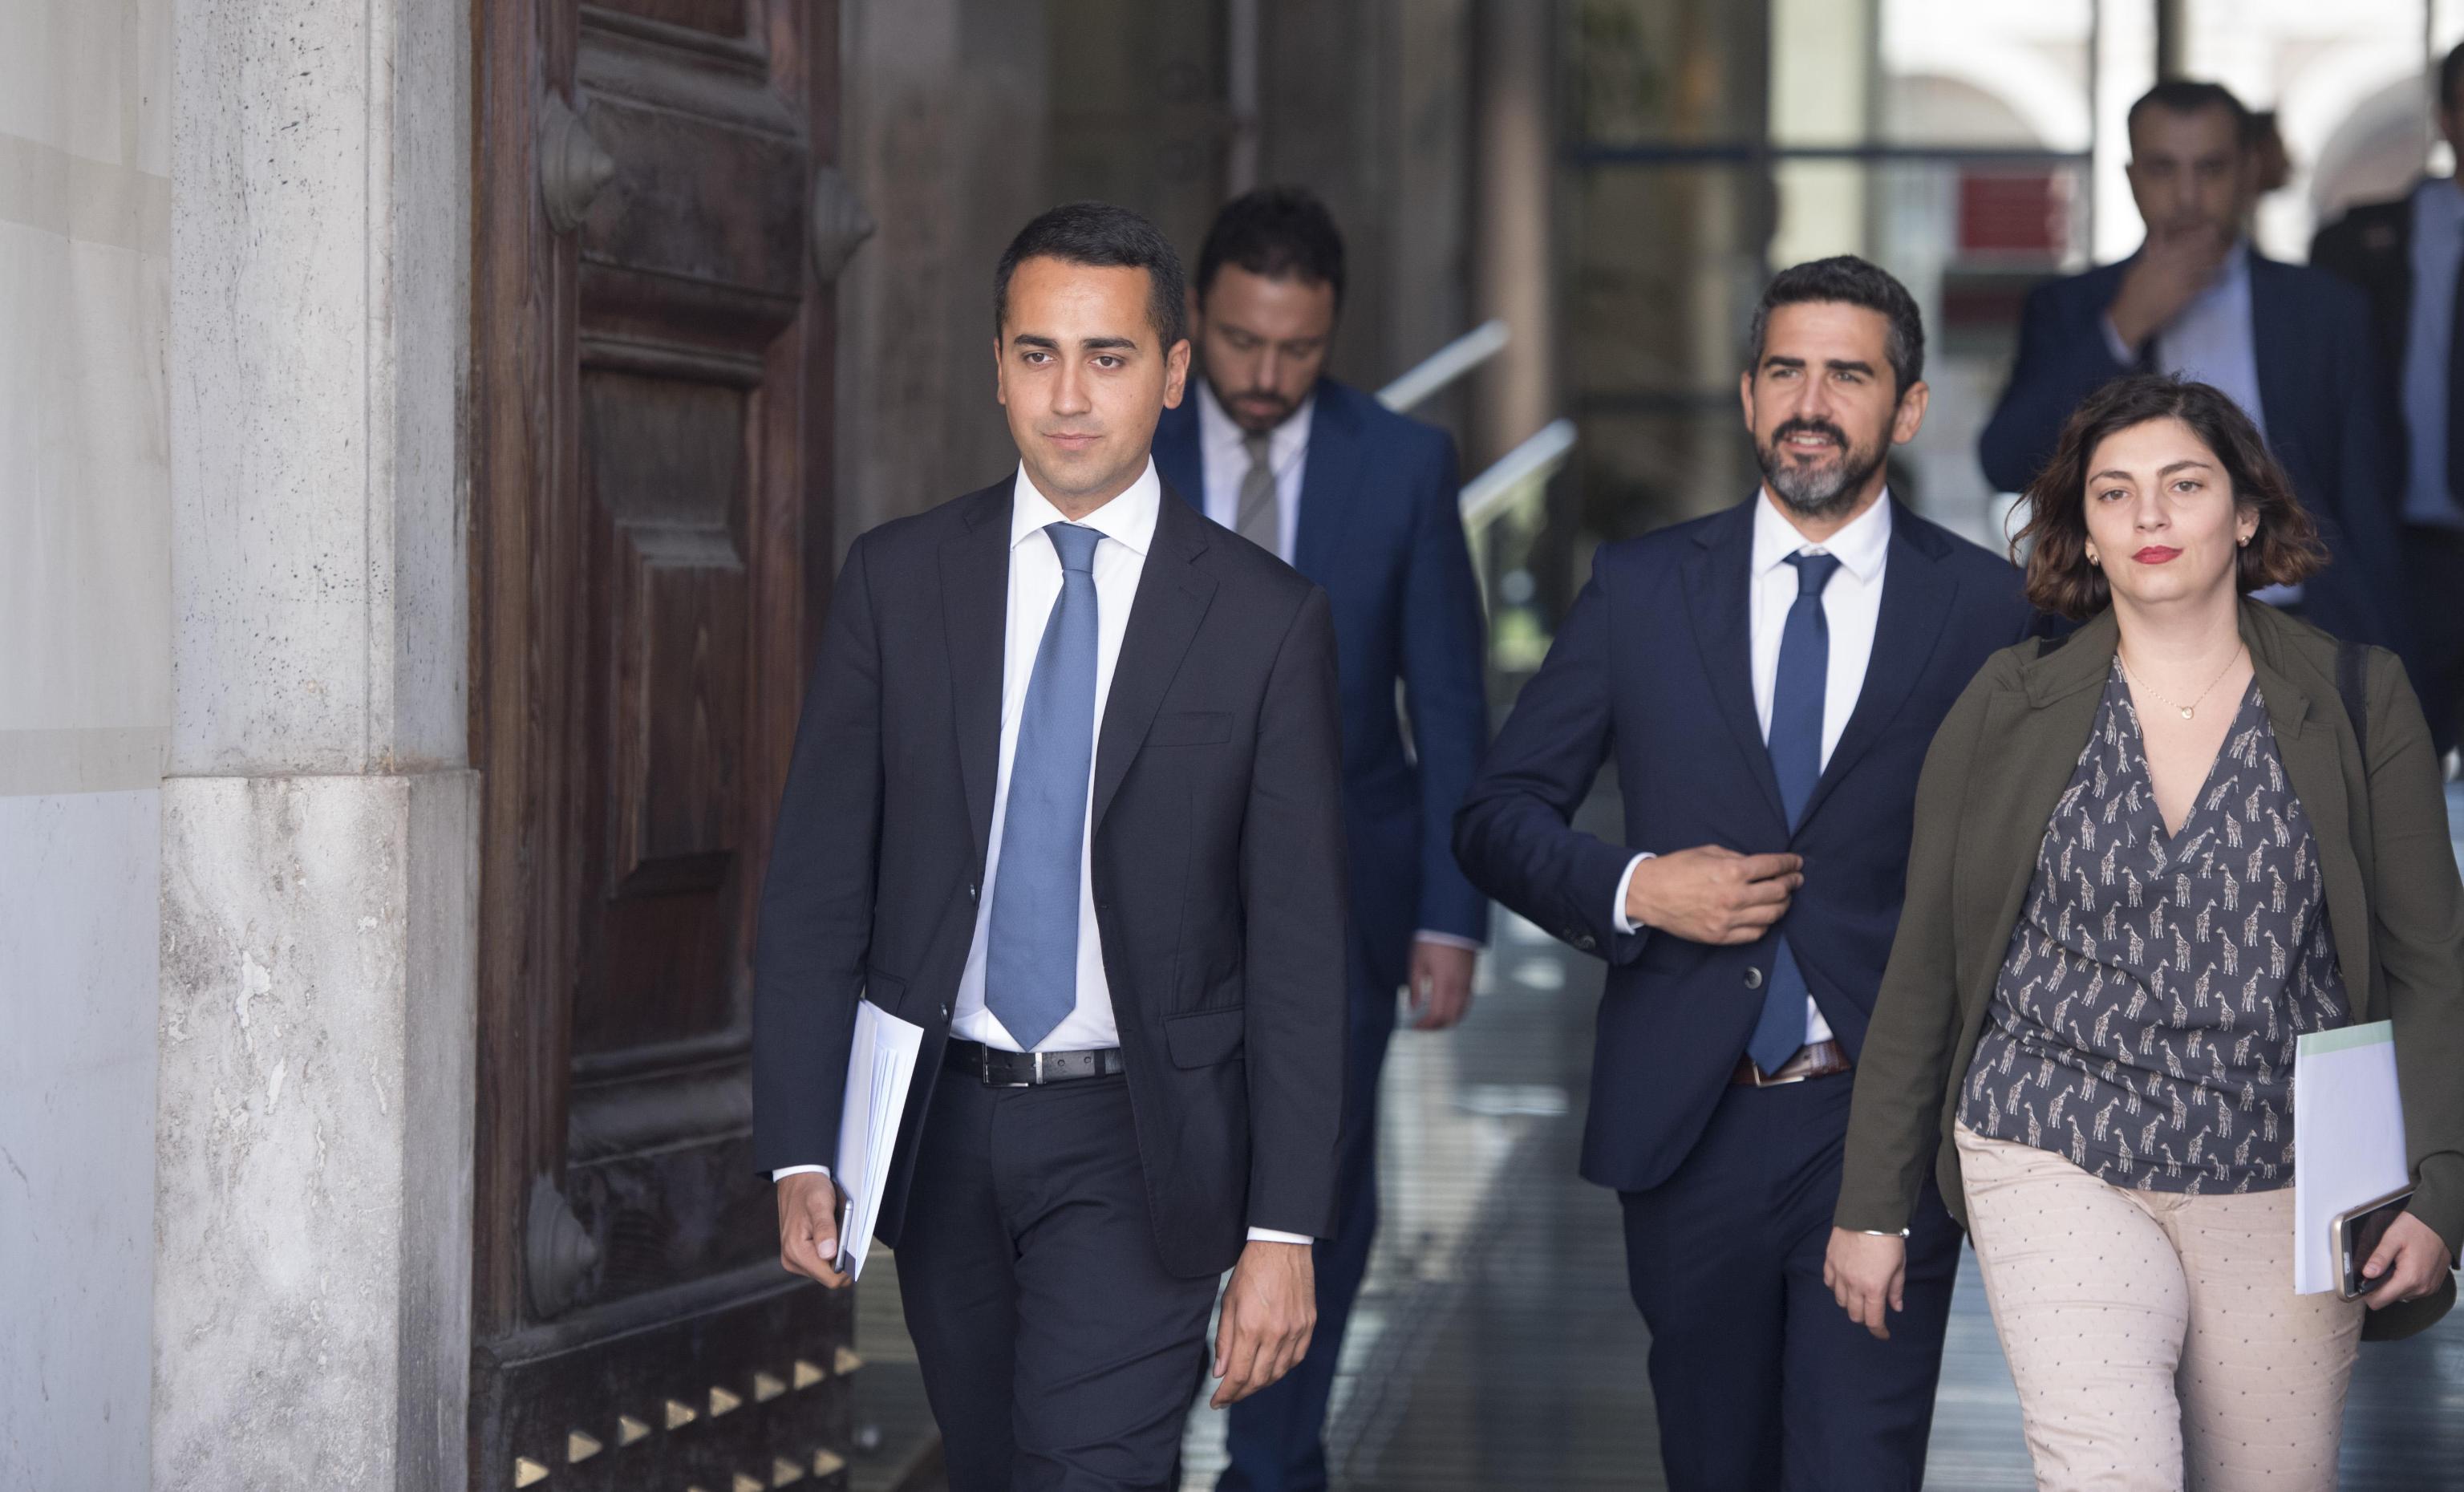 Pensioni, Castelli (M5S) annuncia l'aumento delle minime e il reddito di cittadinanza nel 2019